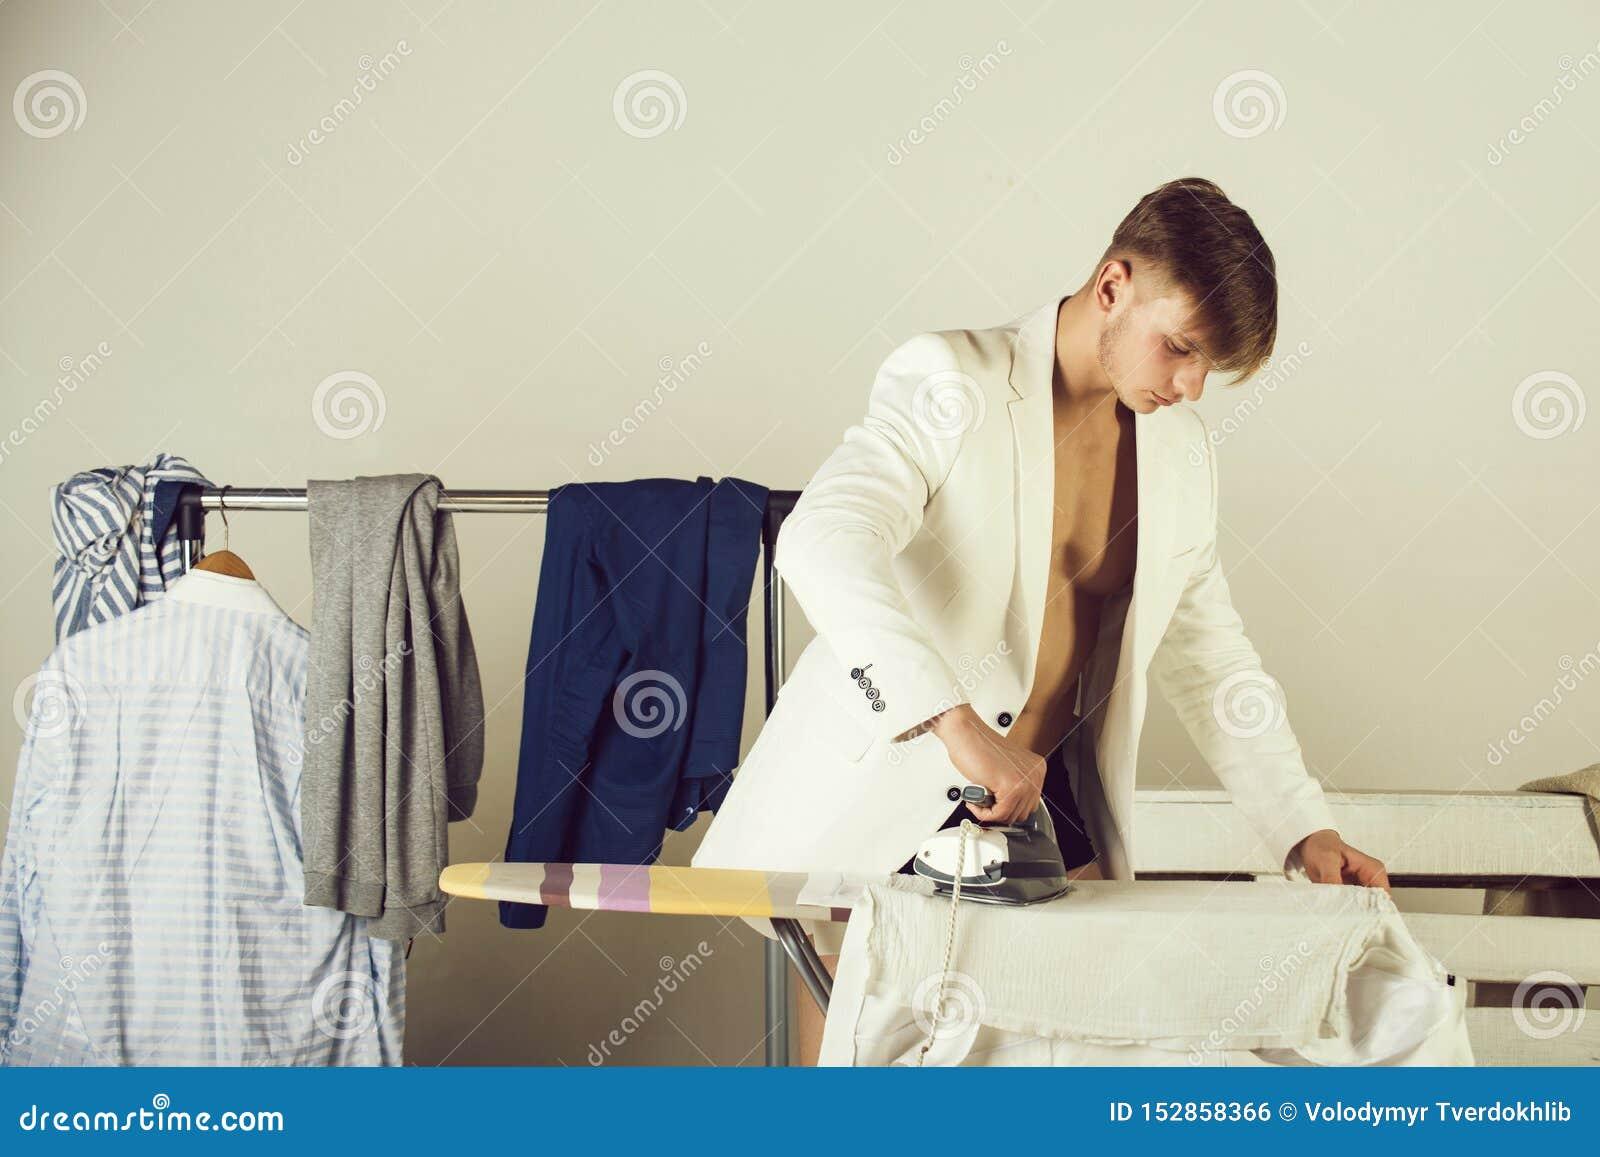 Hausarbeit- und Modekonzept